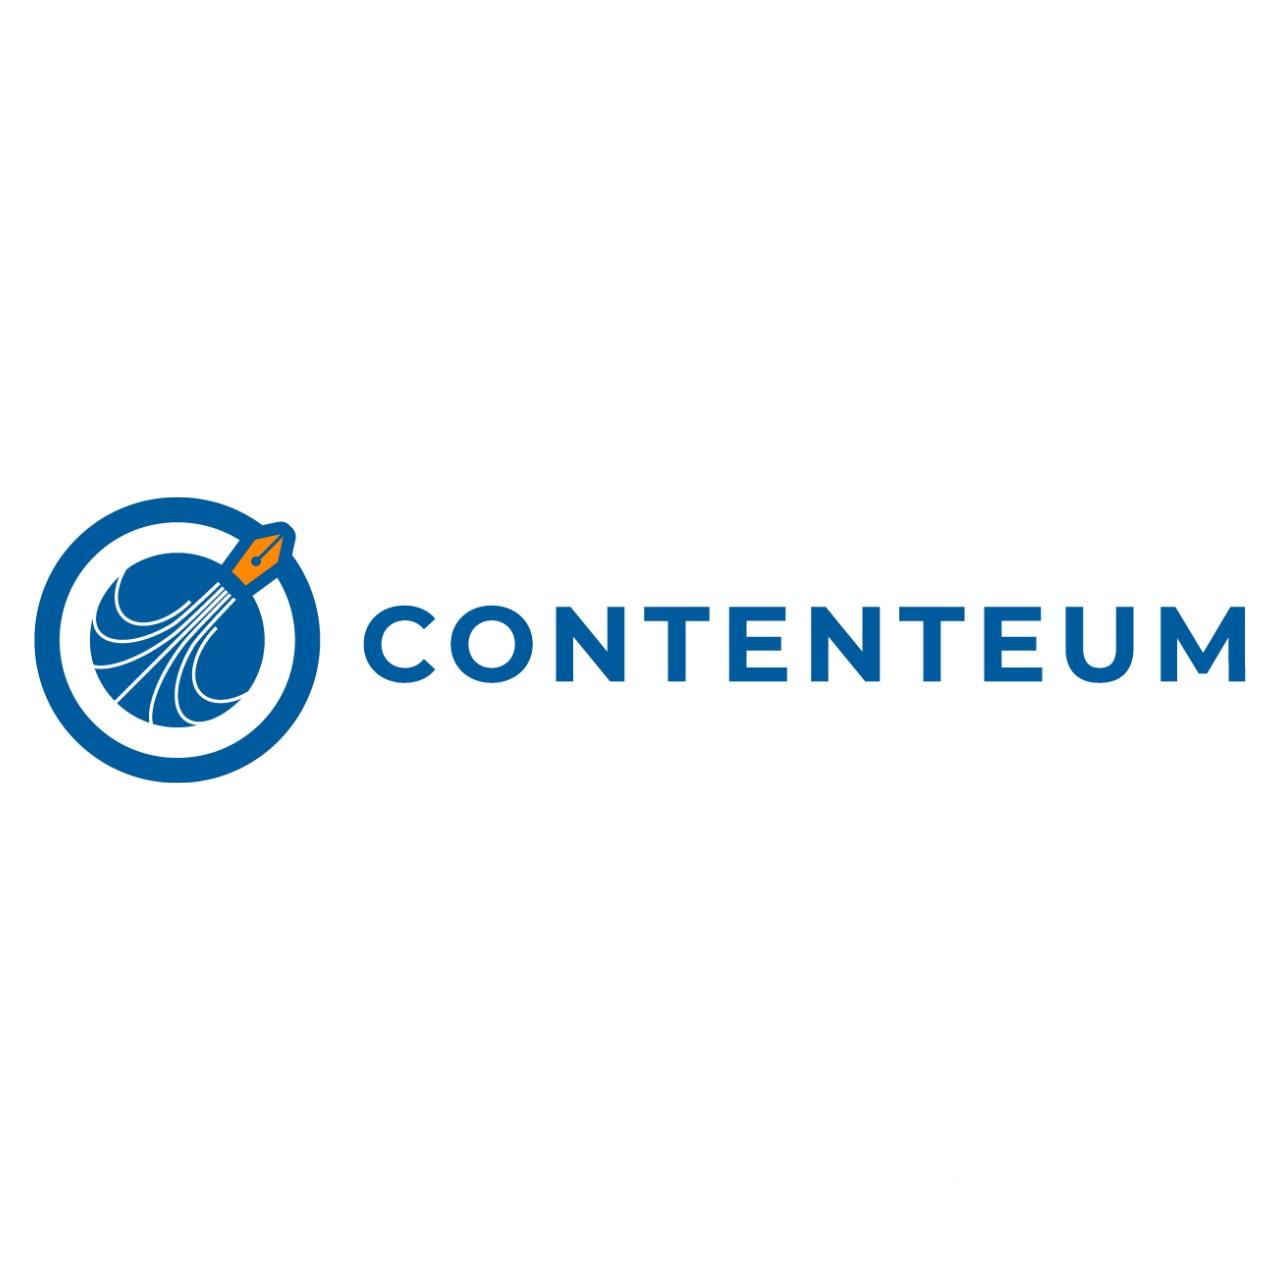 Contenteum